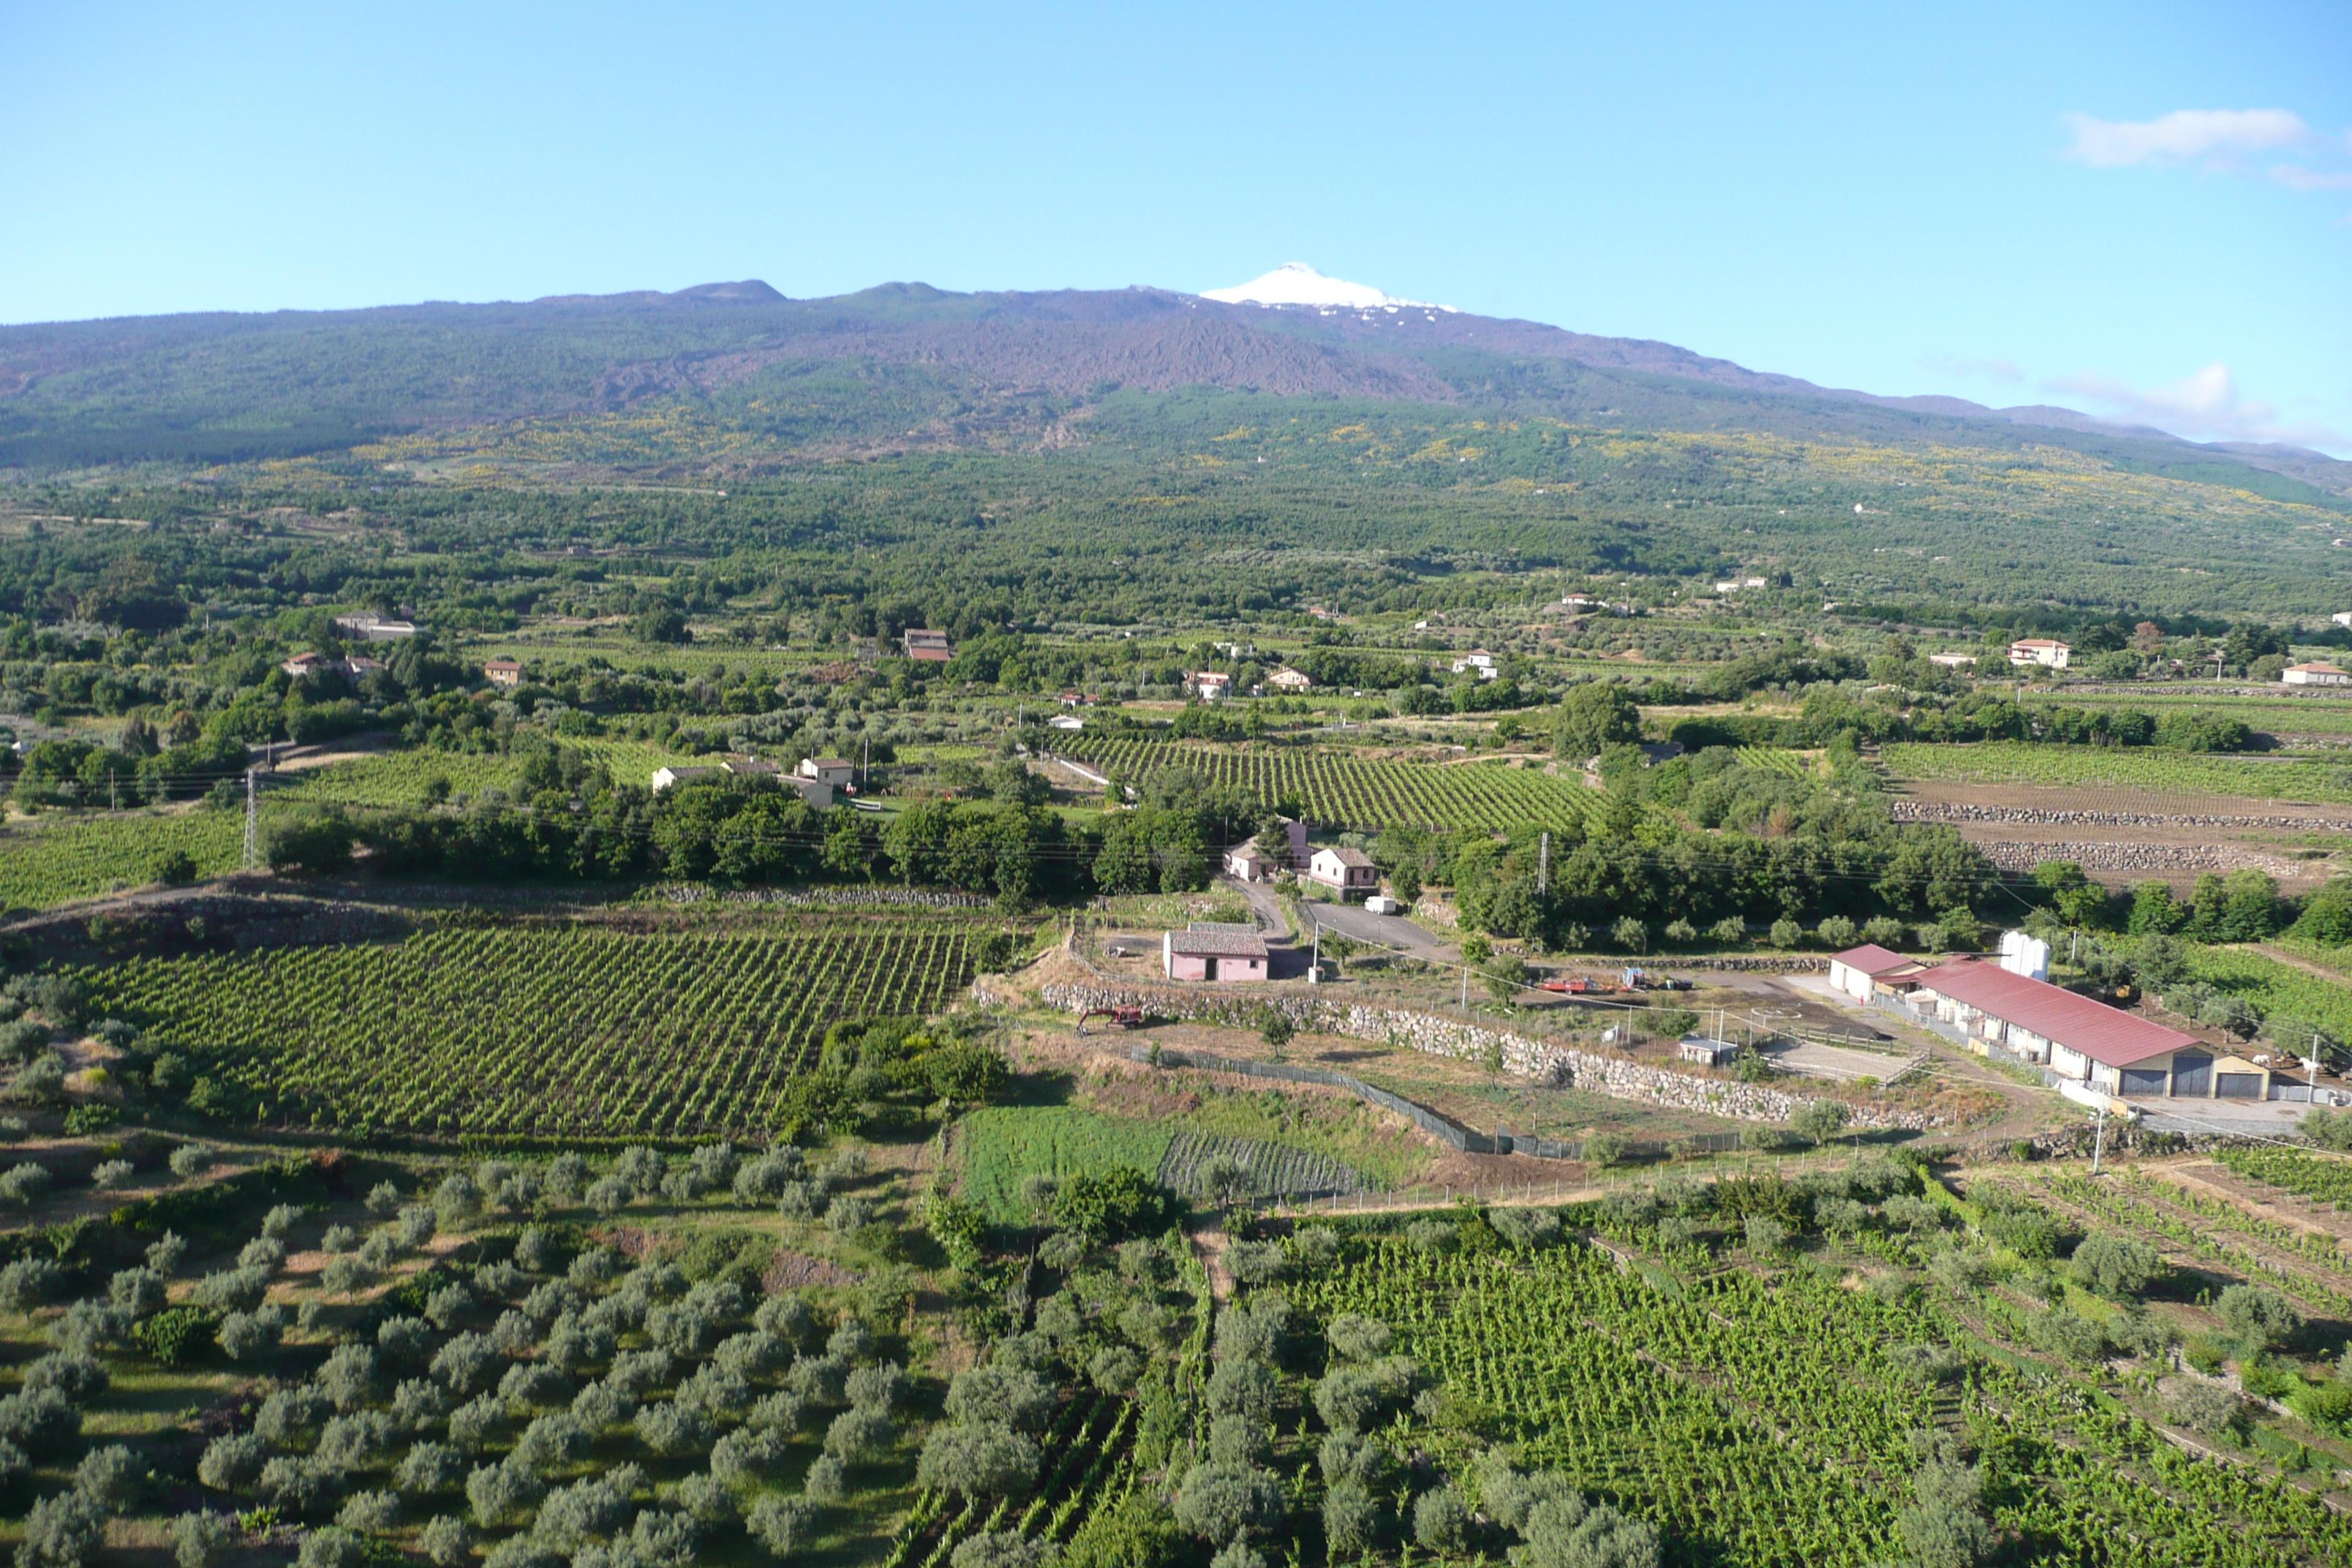 Ulivi e vigne a Randazzo, alle pendici del Vulcano